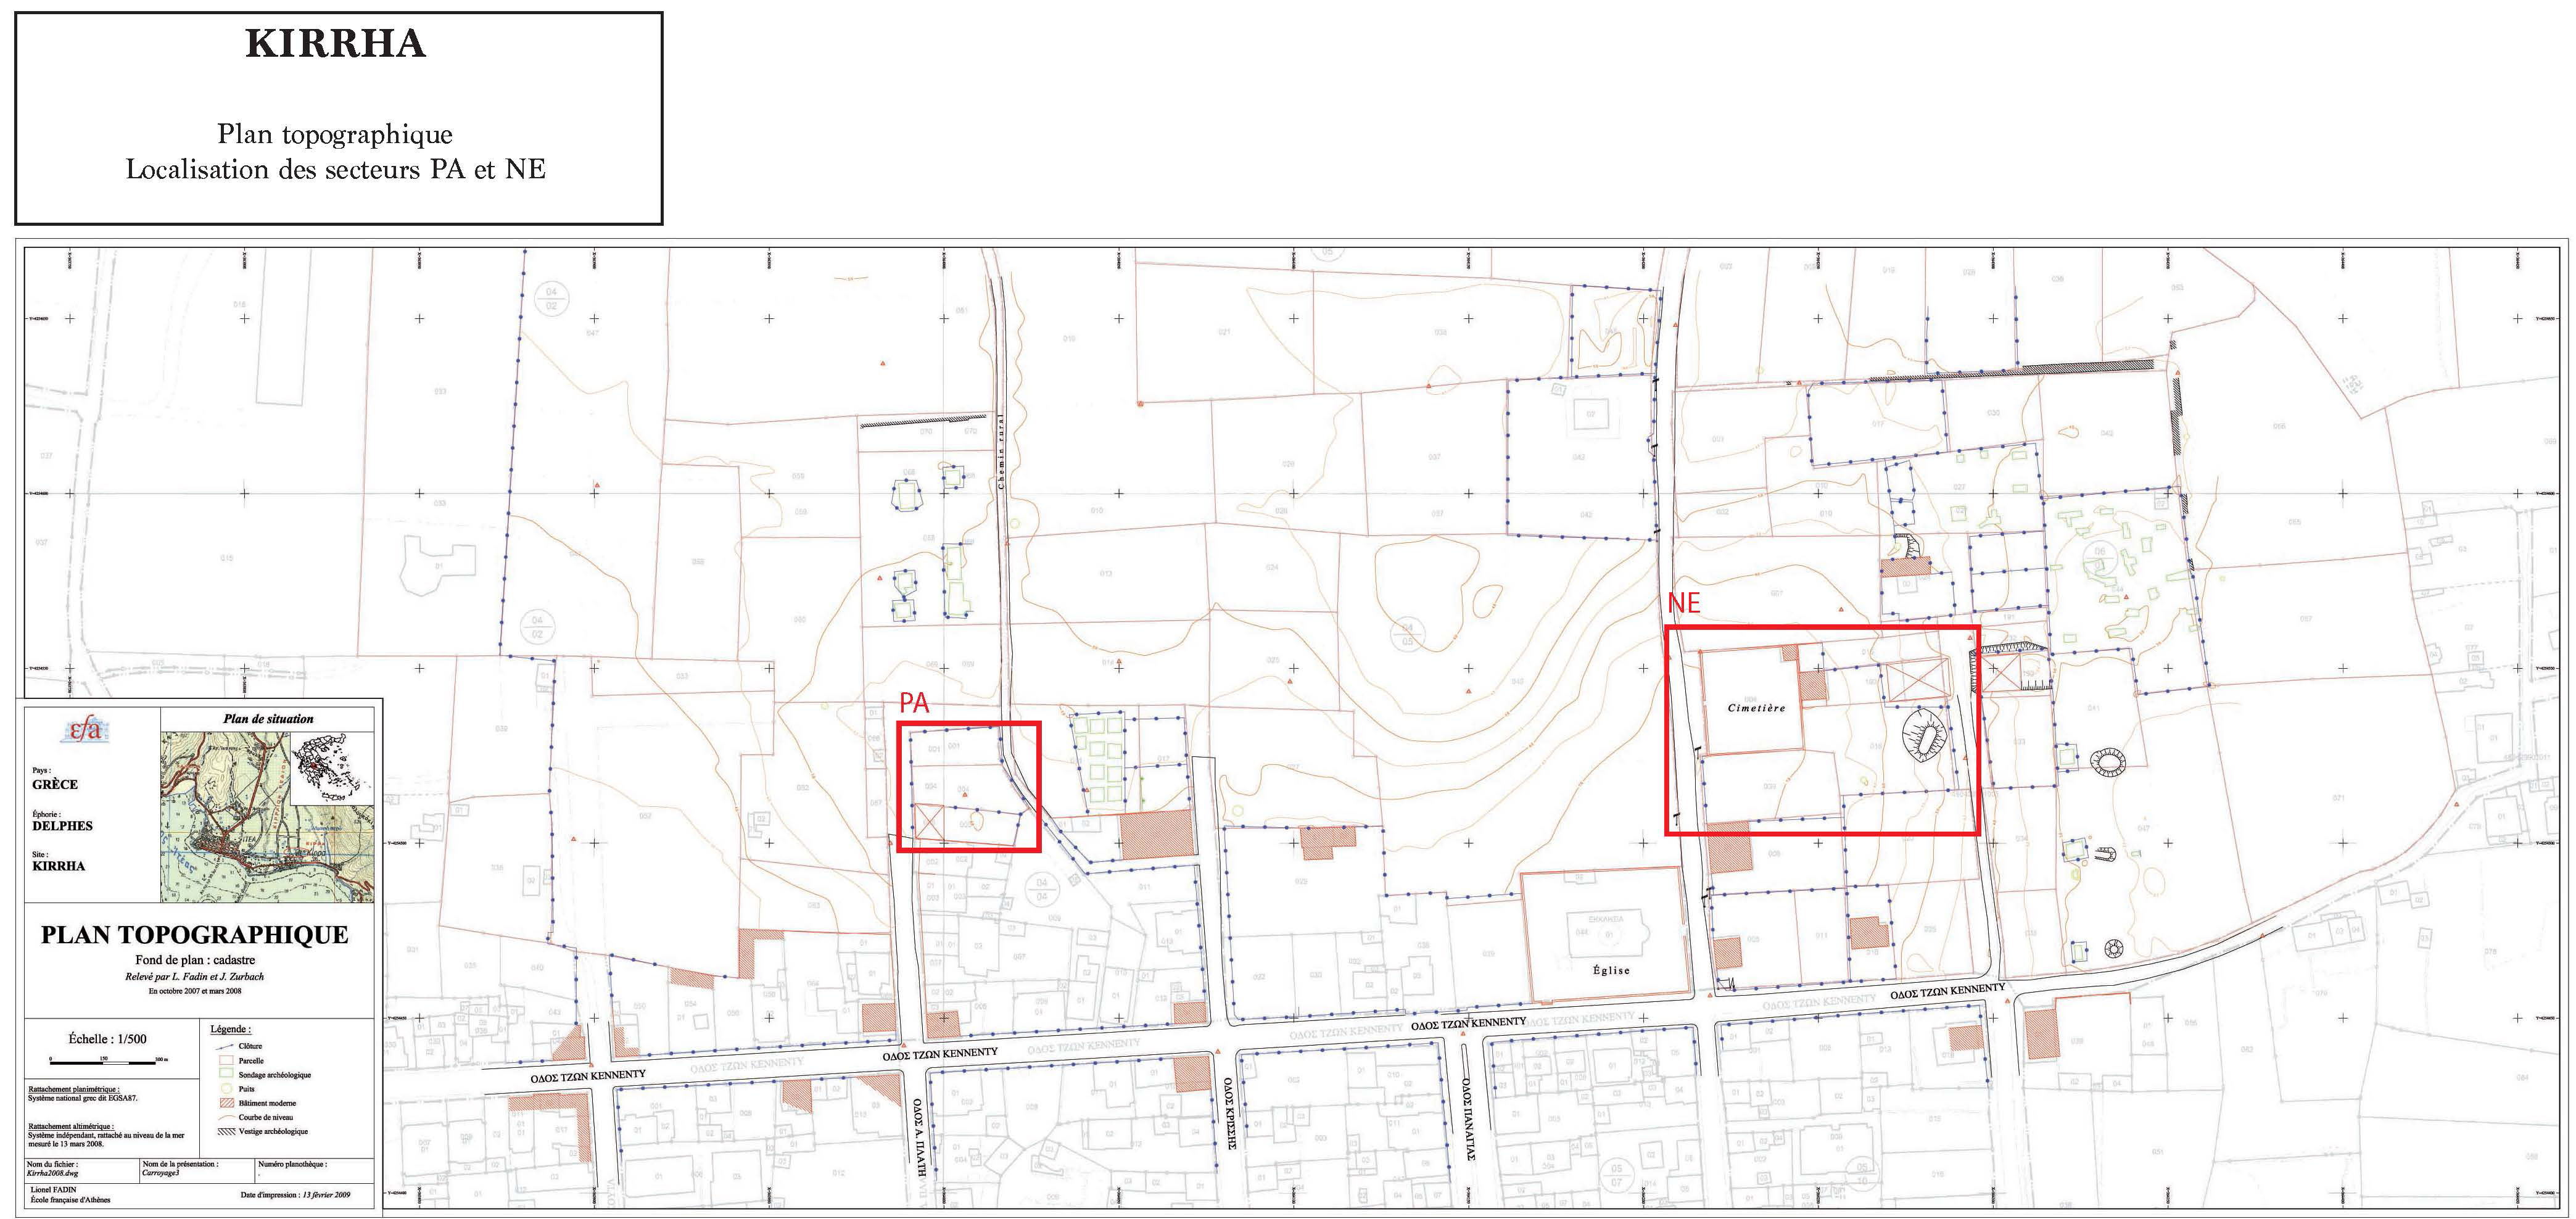 Plan topographique des secteurs PA et NE